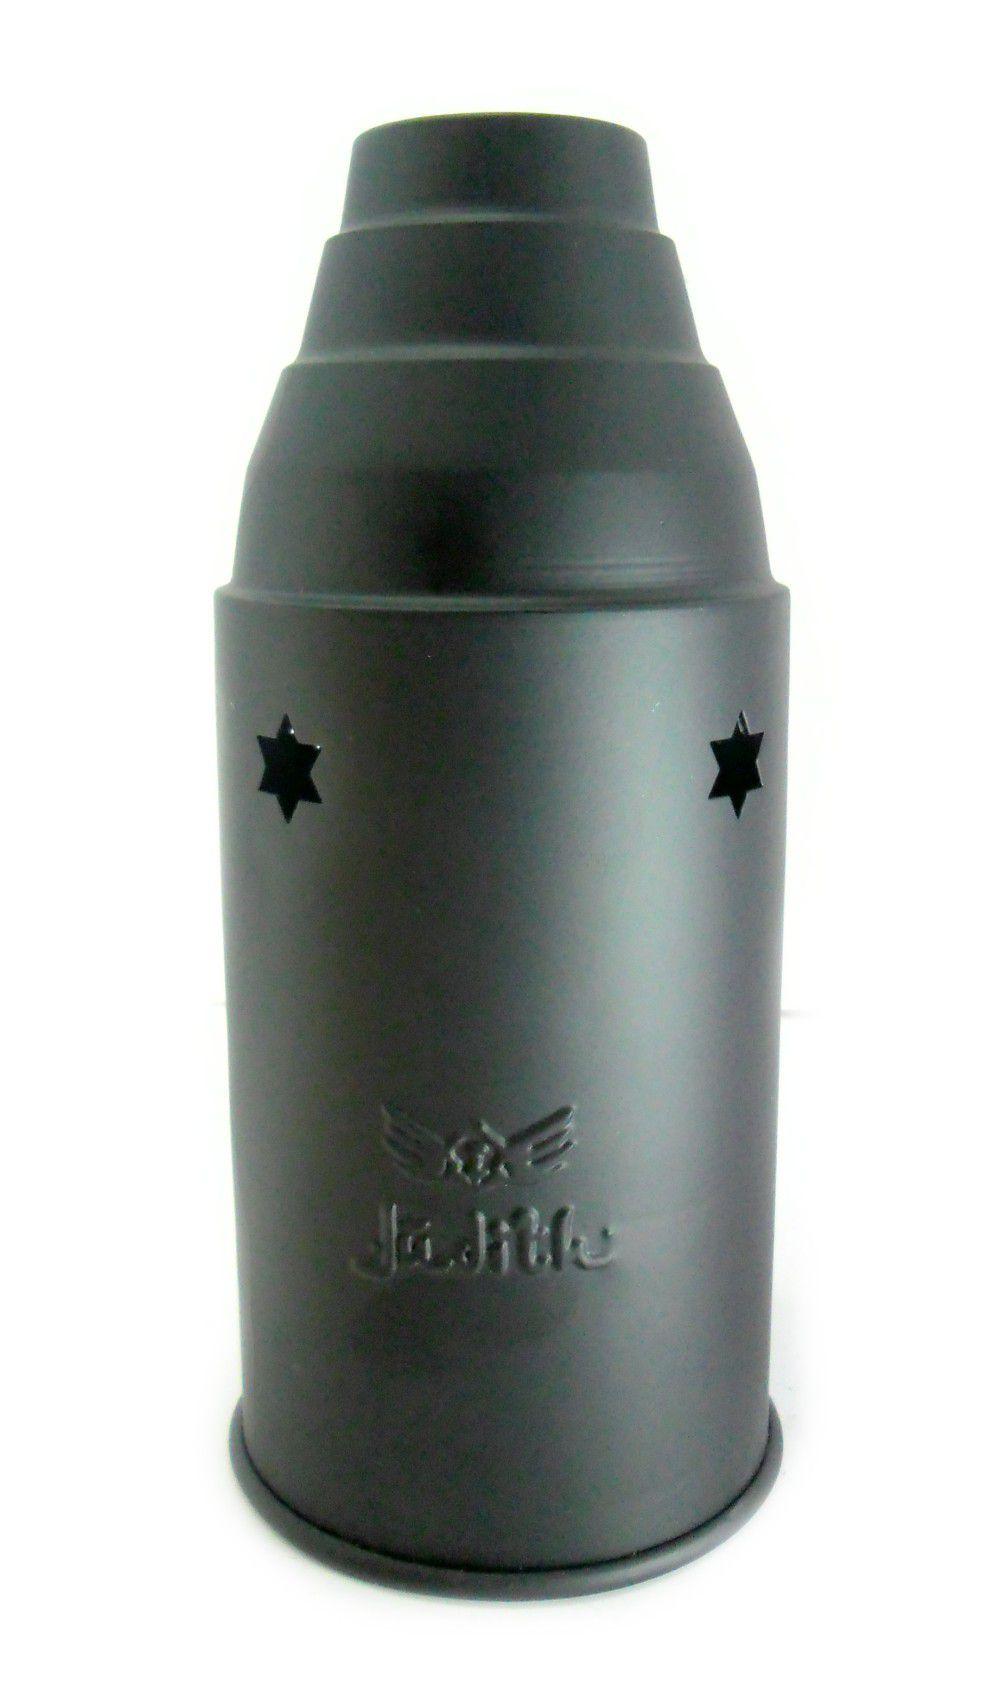 Abafador para narguile marca JUDITH em alumínio, pintura anodizada/epoxi. 10,5 cm diâmetro e 24 cm altura.